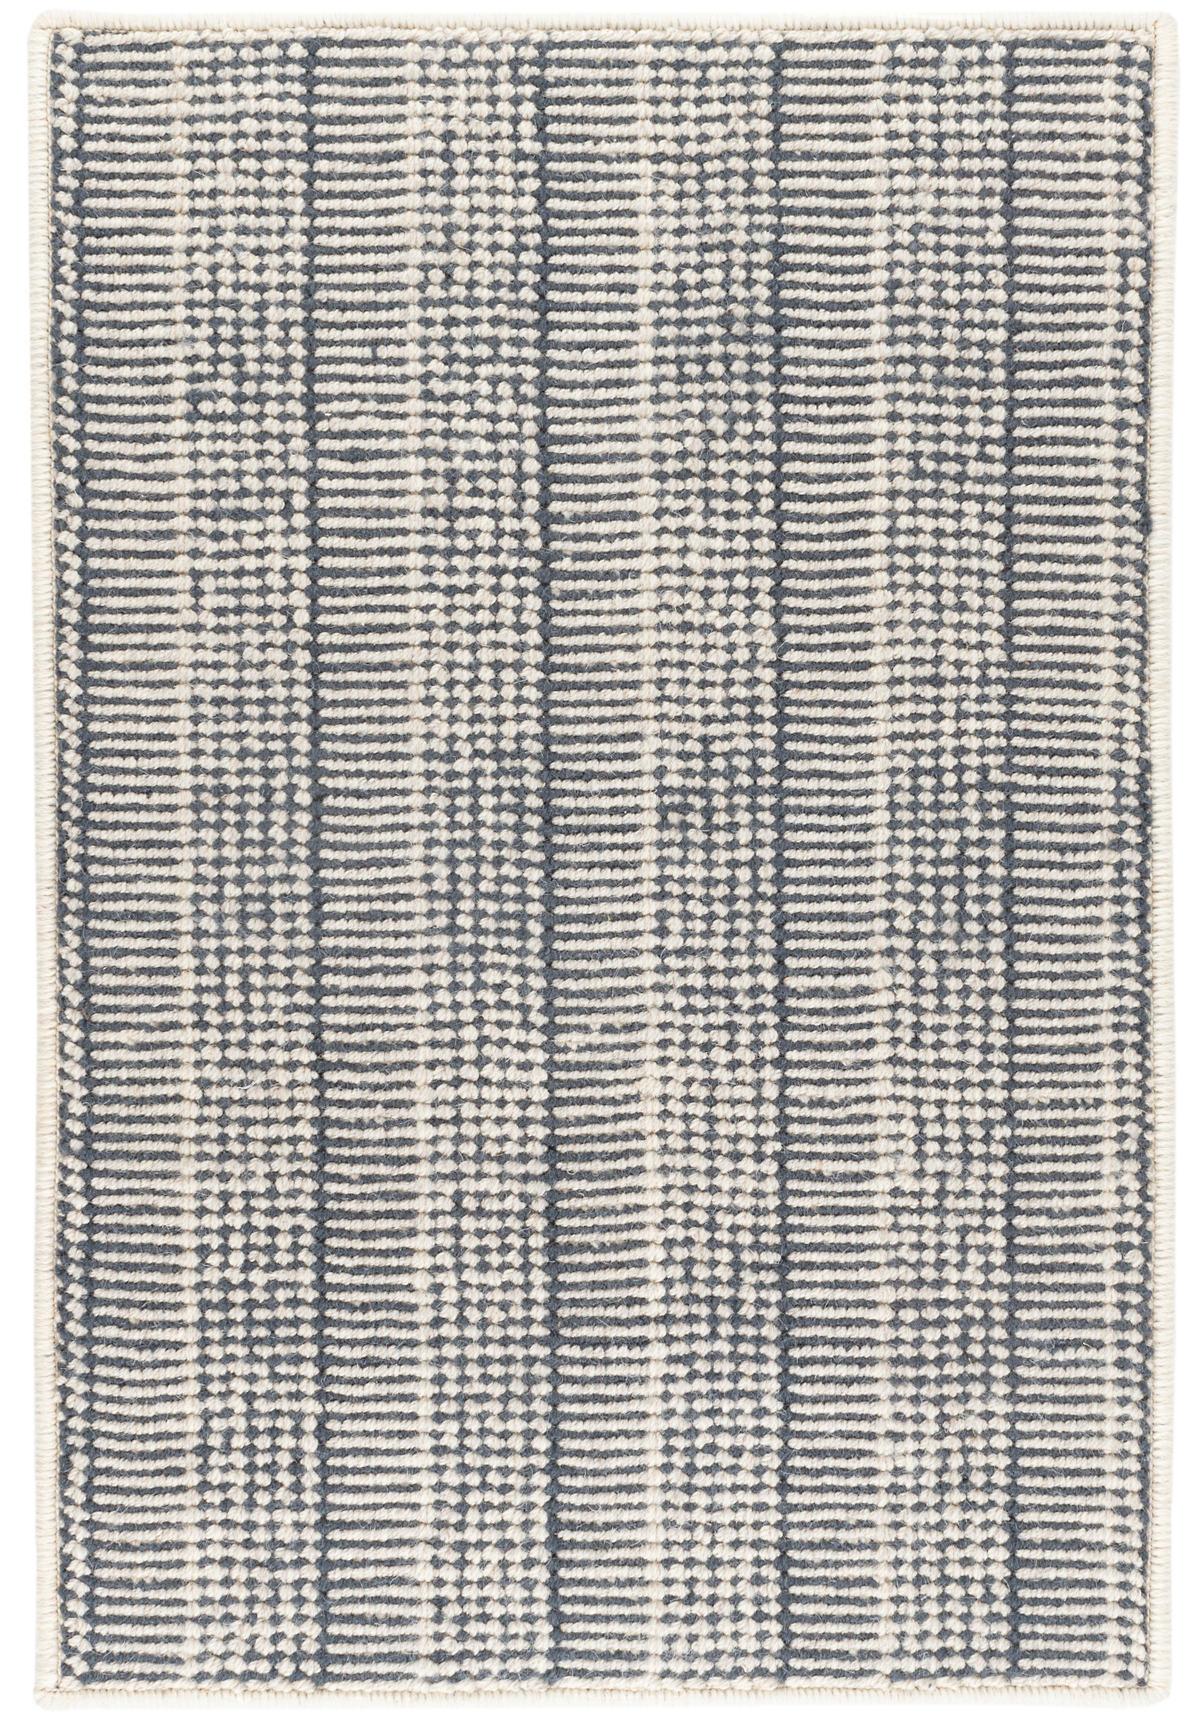 Raffa Navy Woven Wool Rug